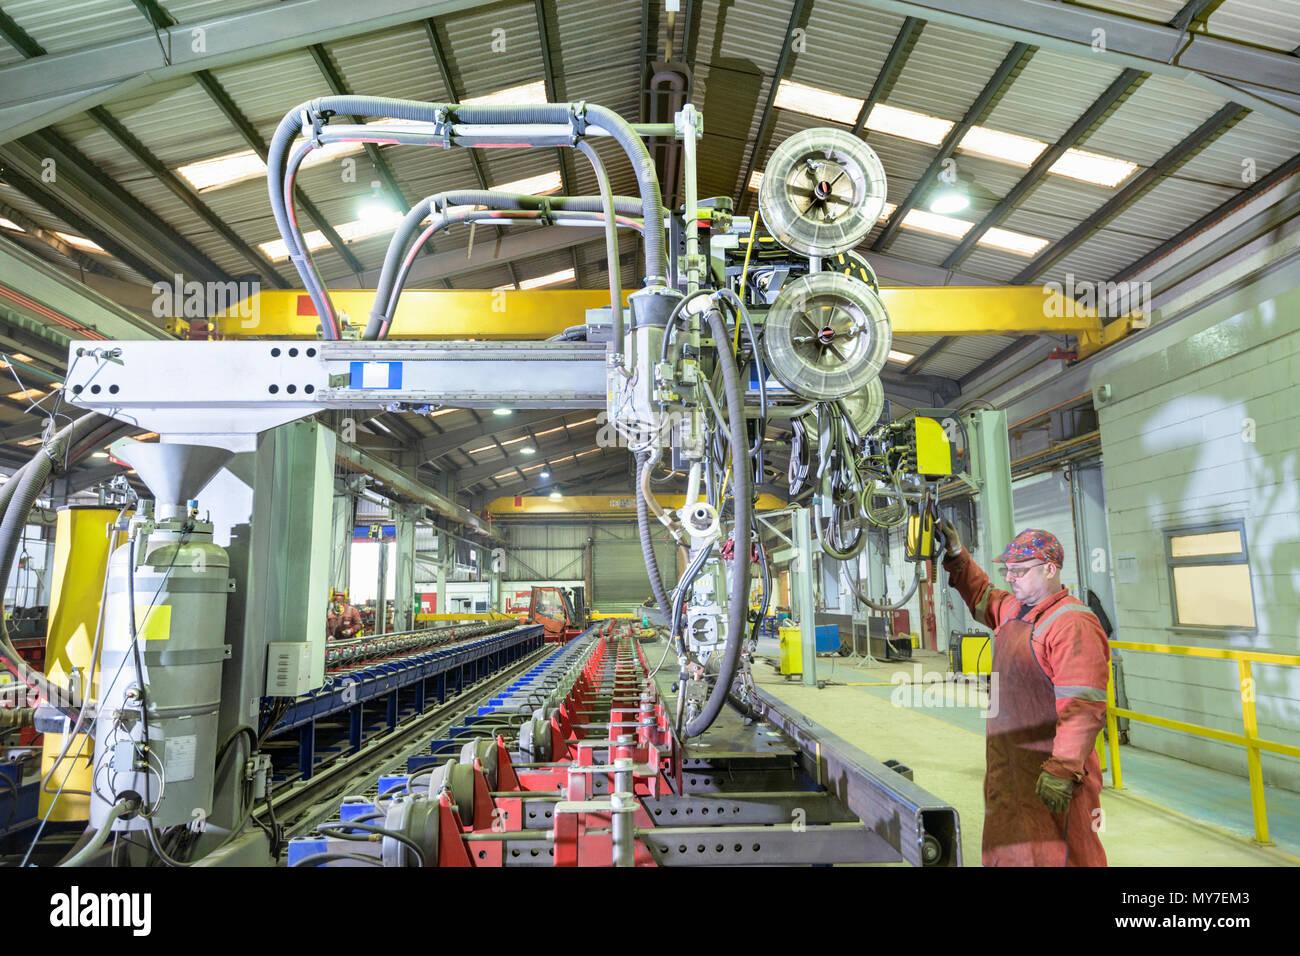 Machine de soudage par faisceau d'exploitation des travailleurs dans l'usine de remorque Photo Stock